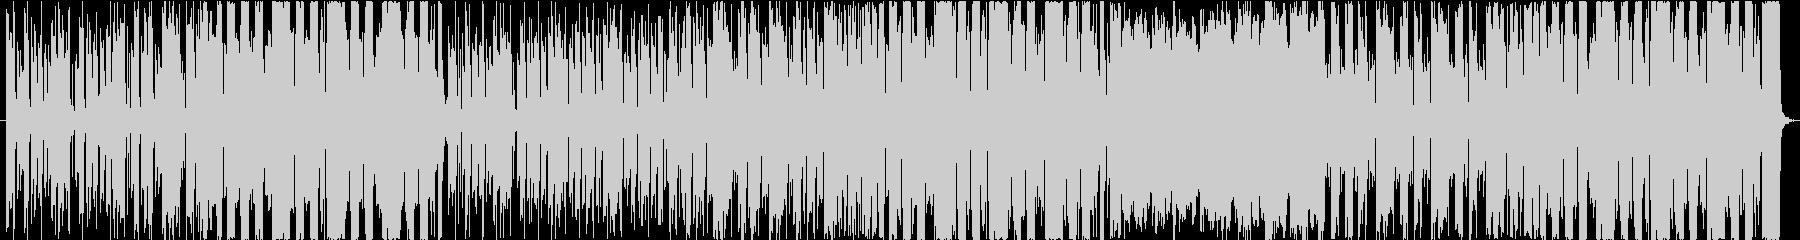 フューチャーベース2、マシュメロ風EDMの未再生の波形